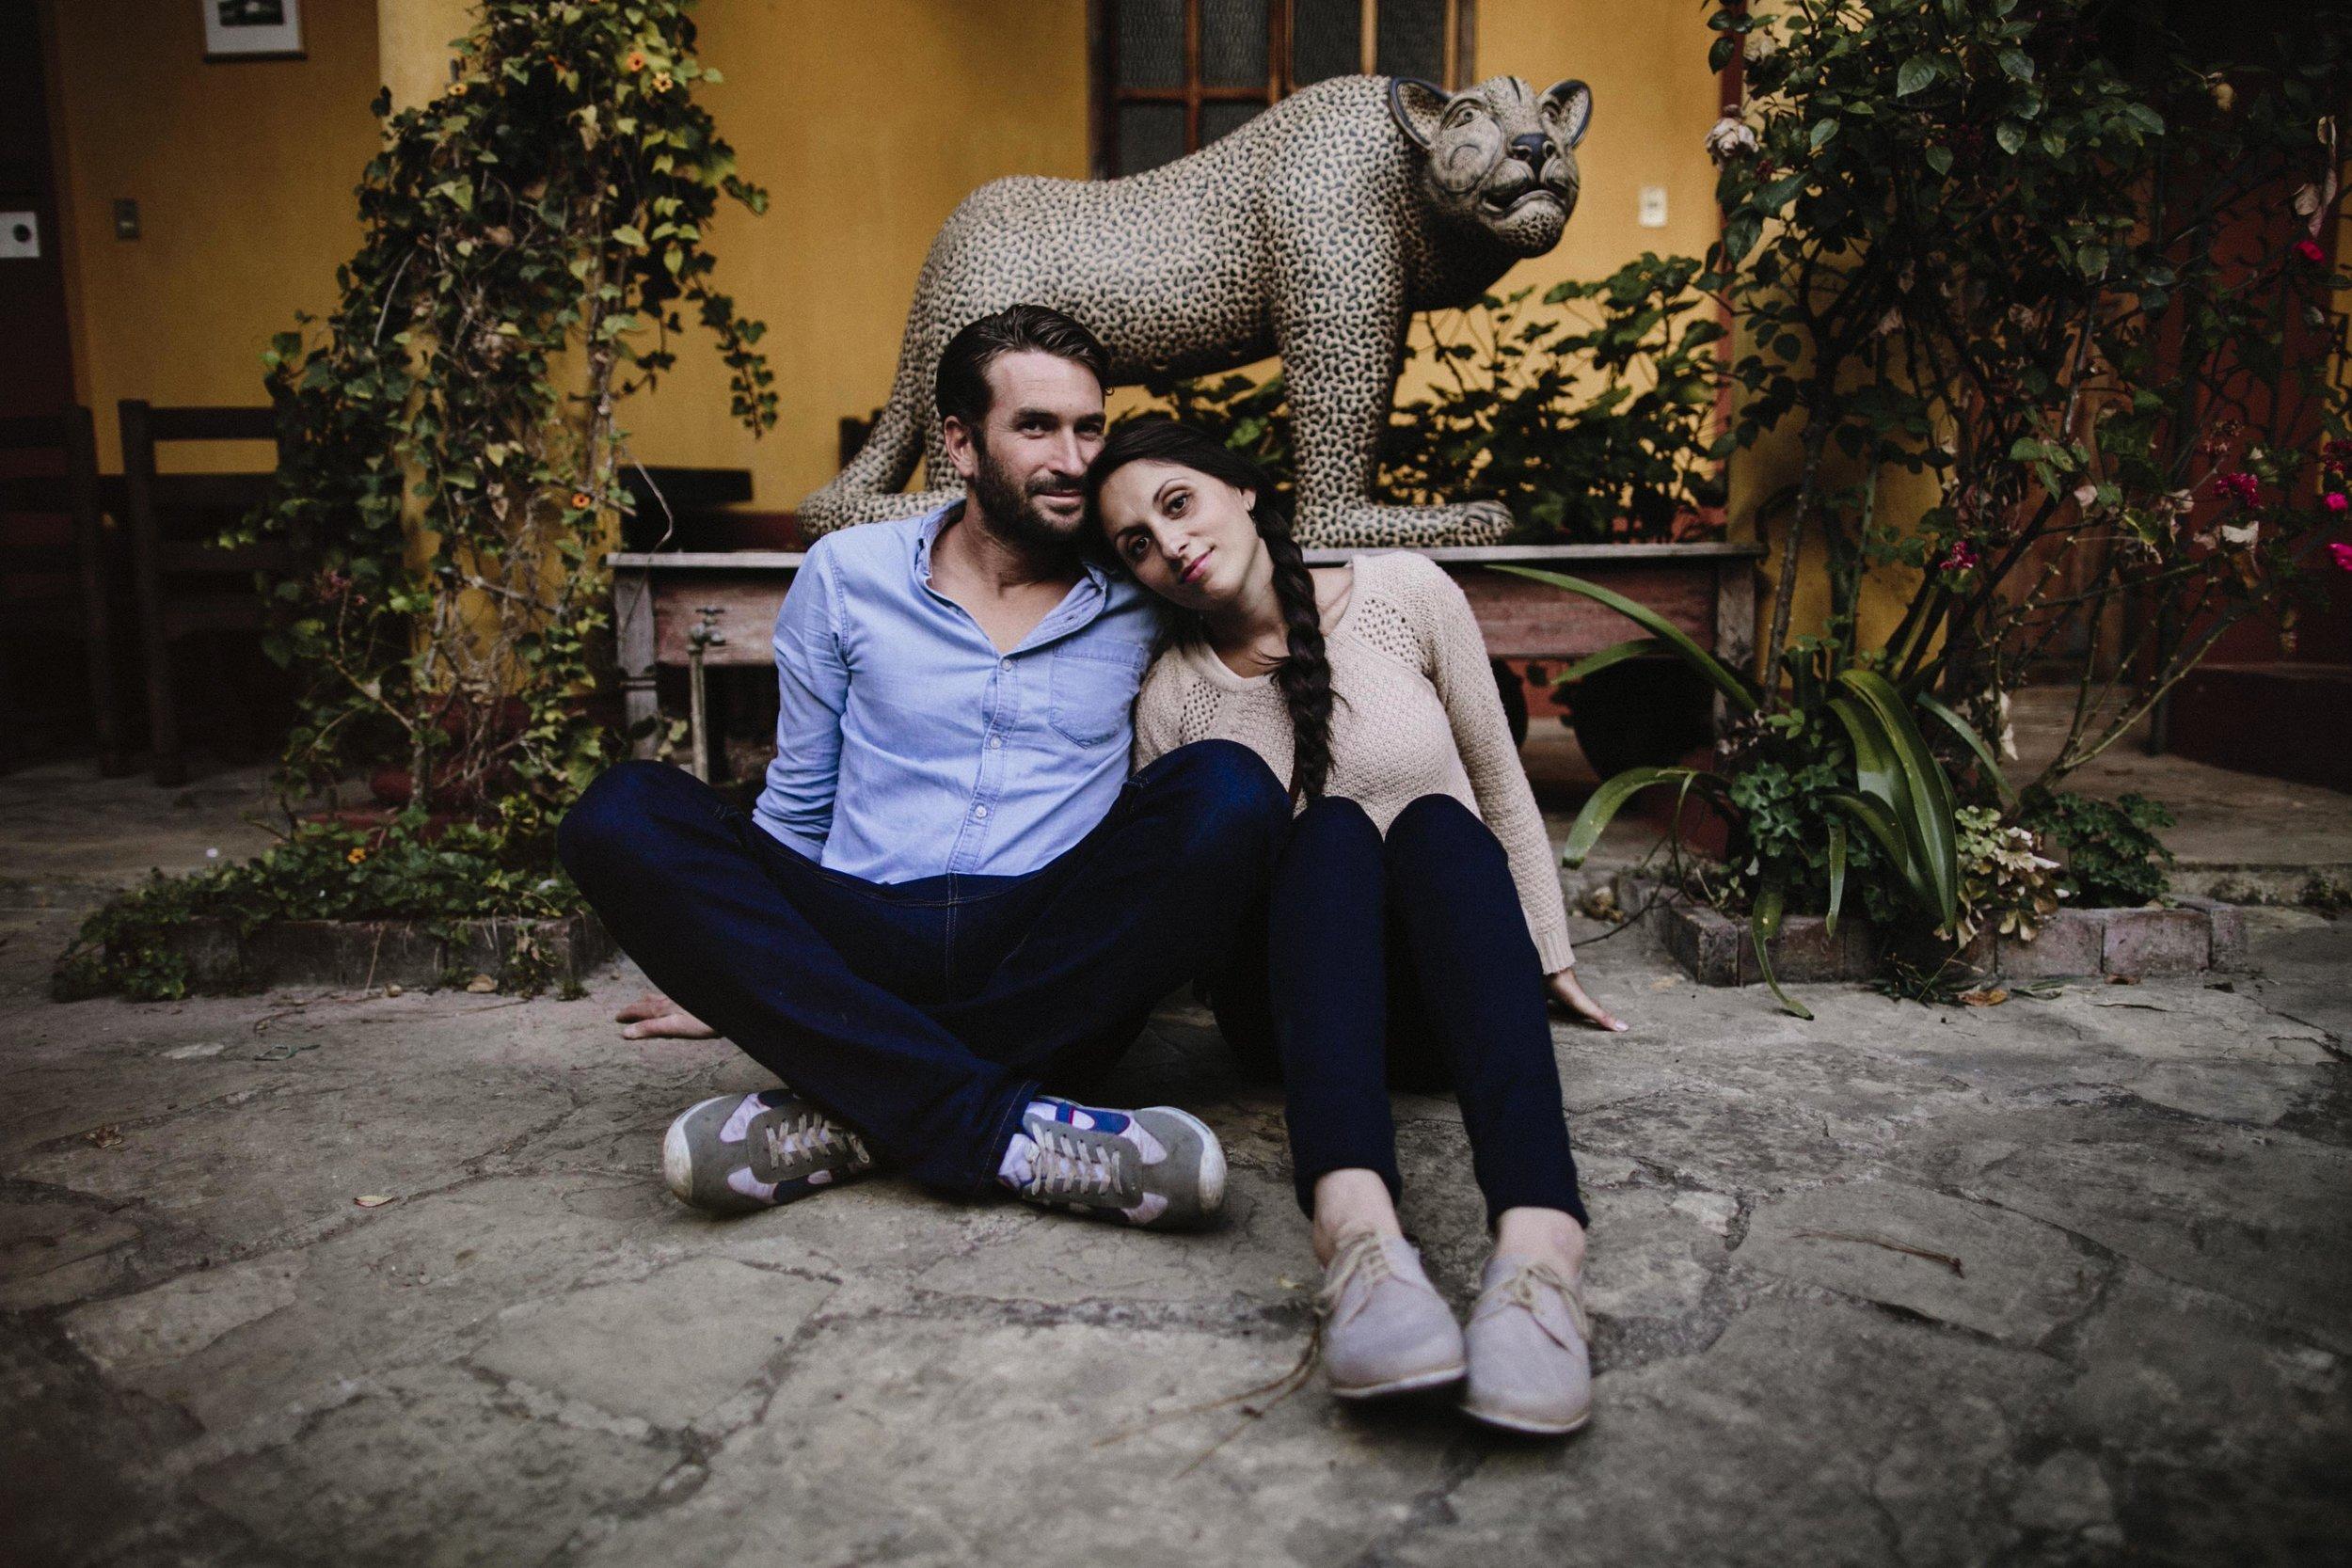 AF013083-Editaralfonso_flores_fotografo_de_bodas_espana.jpg